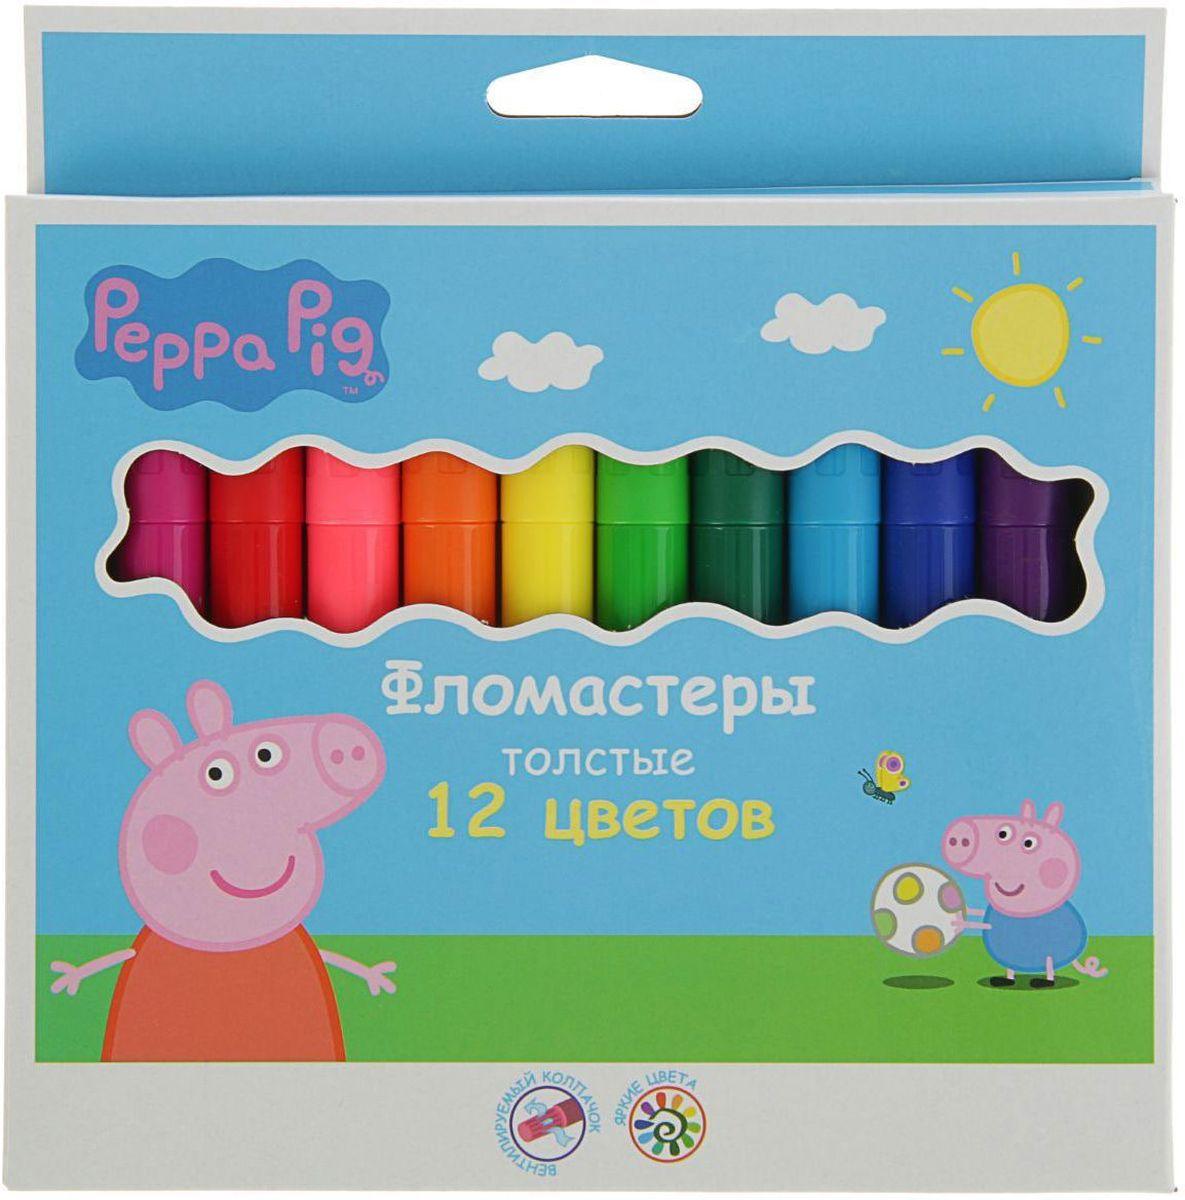 Peppa Pig Набор толстых фломастеров 12 цветов72523WDИзделия данной категории необходимы любому человеку независимо от рода его деятельности. У нас представлен широкий ассортимент товаров для учеников, студентов, офисных сотрудников и руководителей, а также товары для творчества.